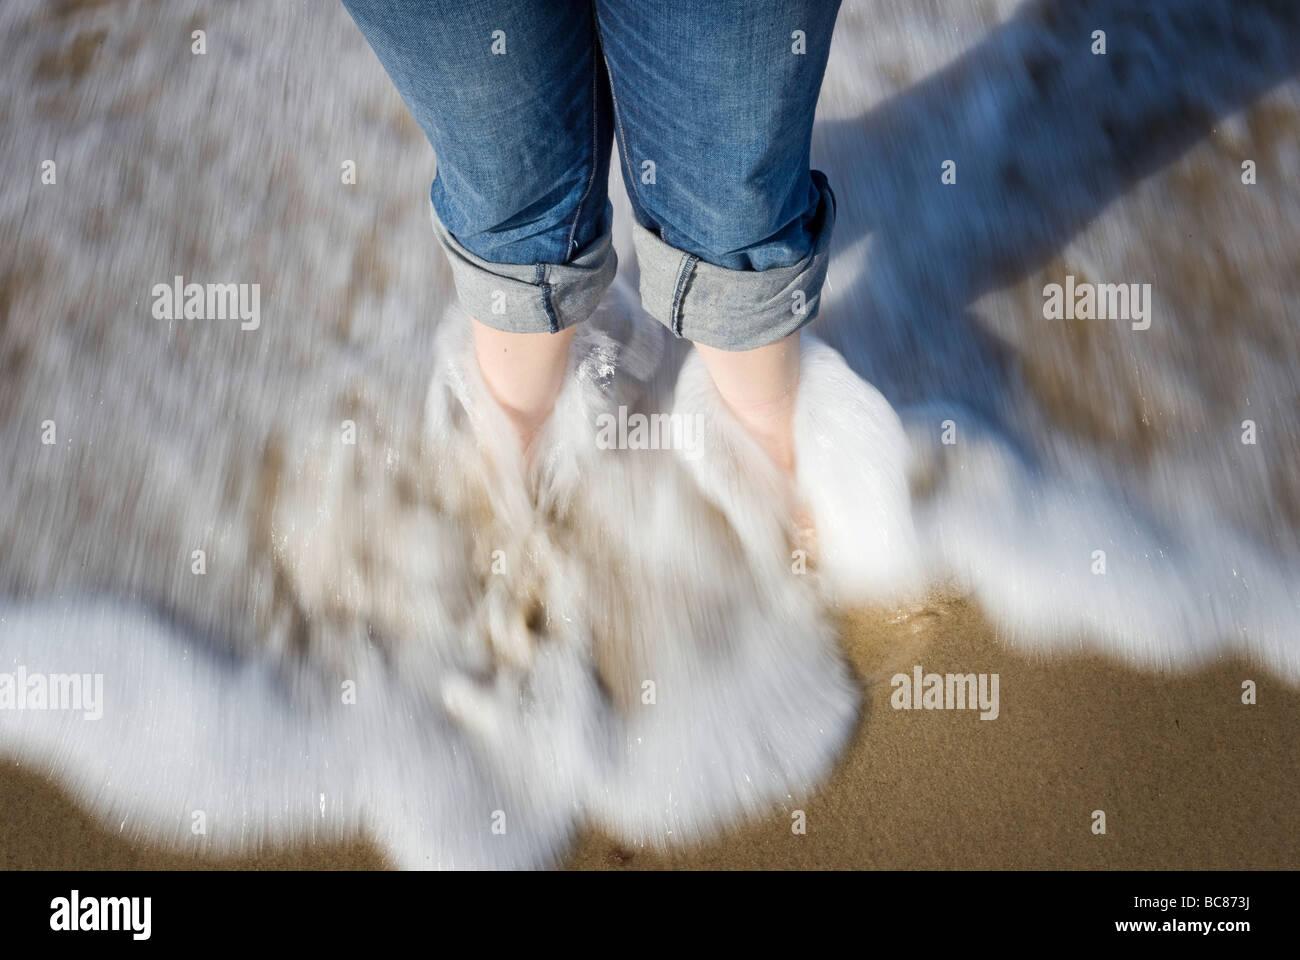 Water wash around legs - Stock Image